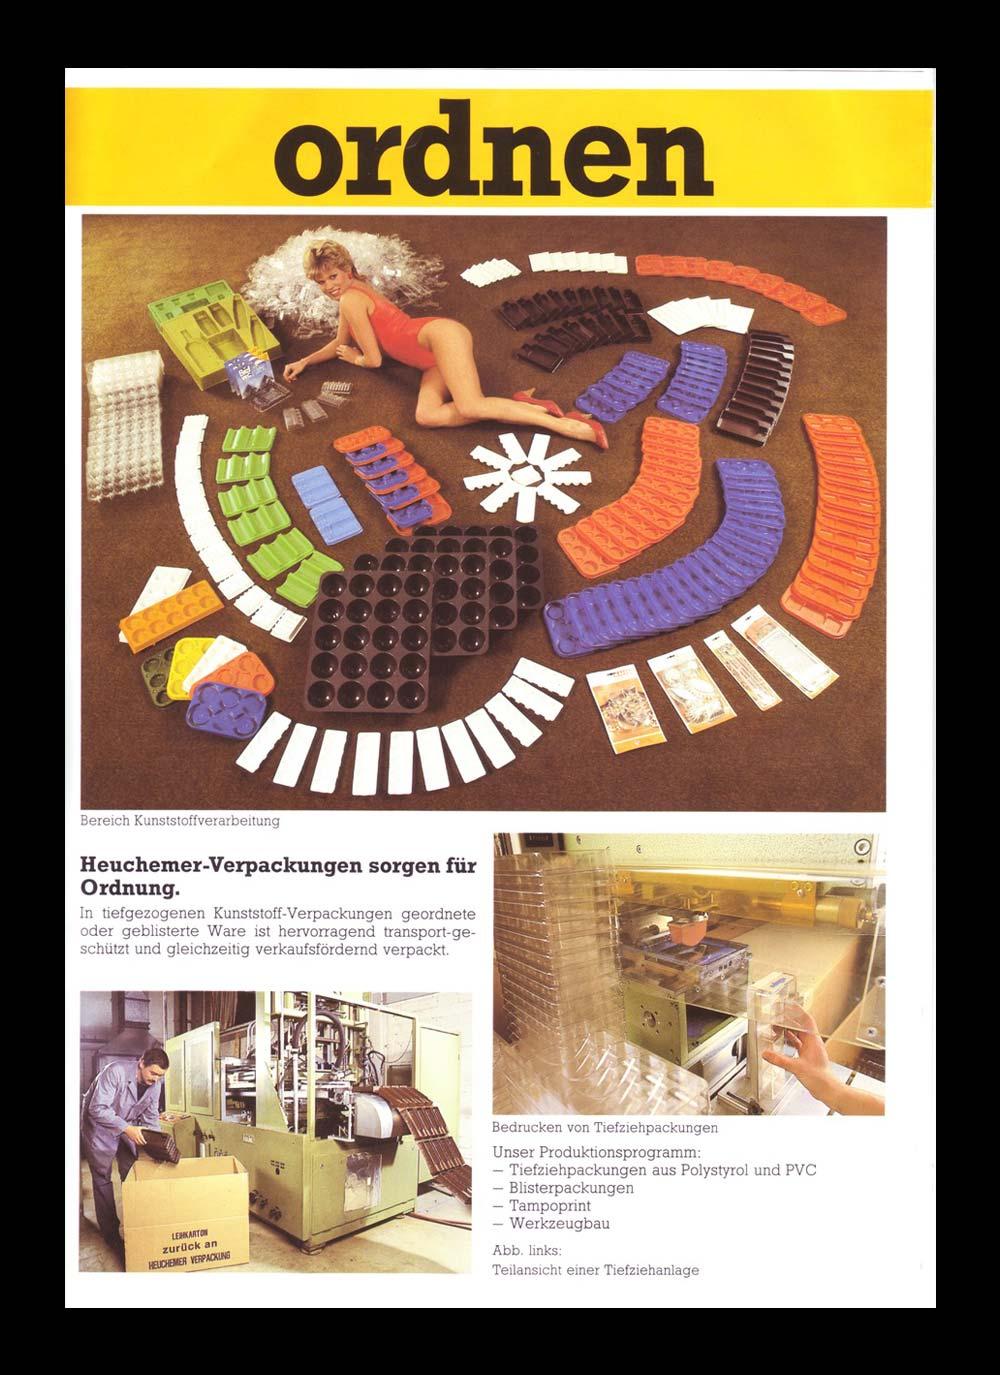 HEUCHEMER VERPACKUNG || Anzeigenwerbung 1970 - Verpackungen aus Kunststoff